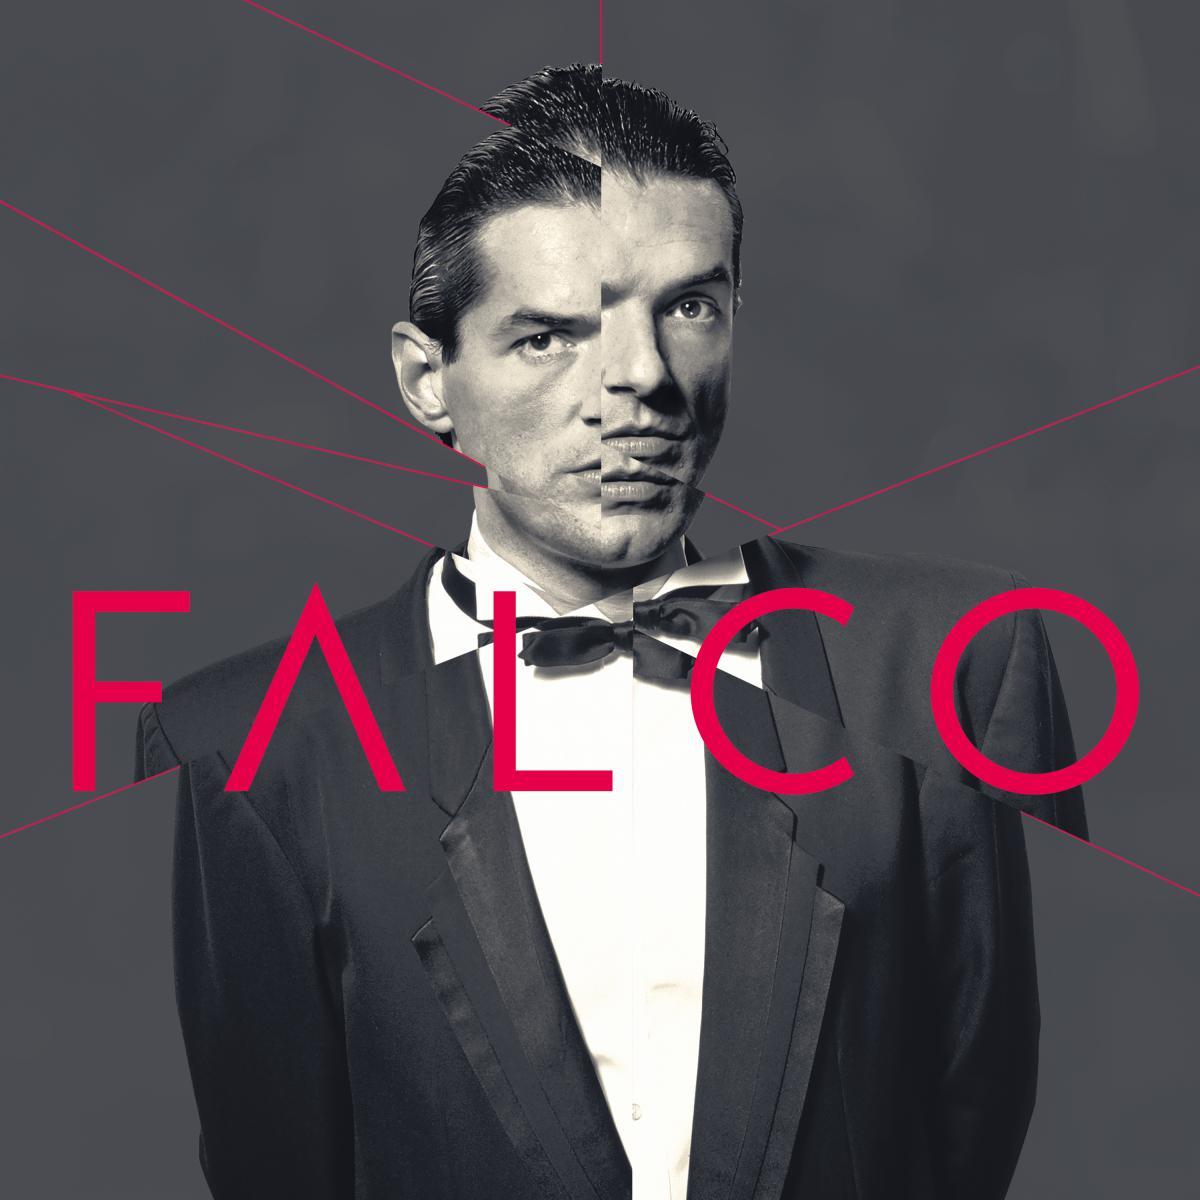 Musik Falco